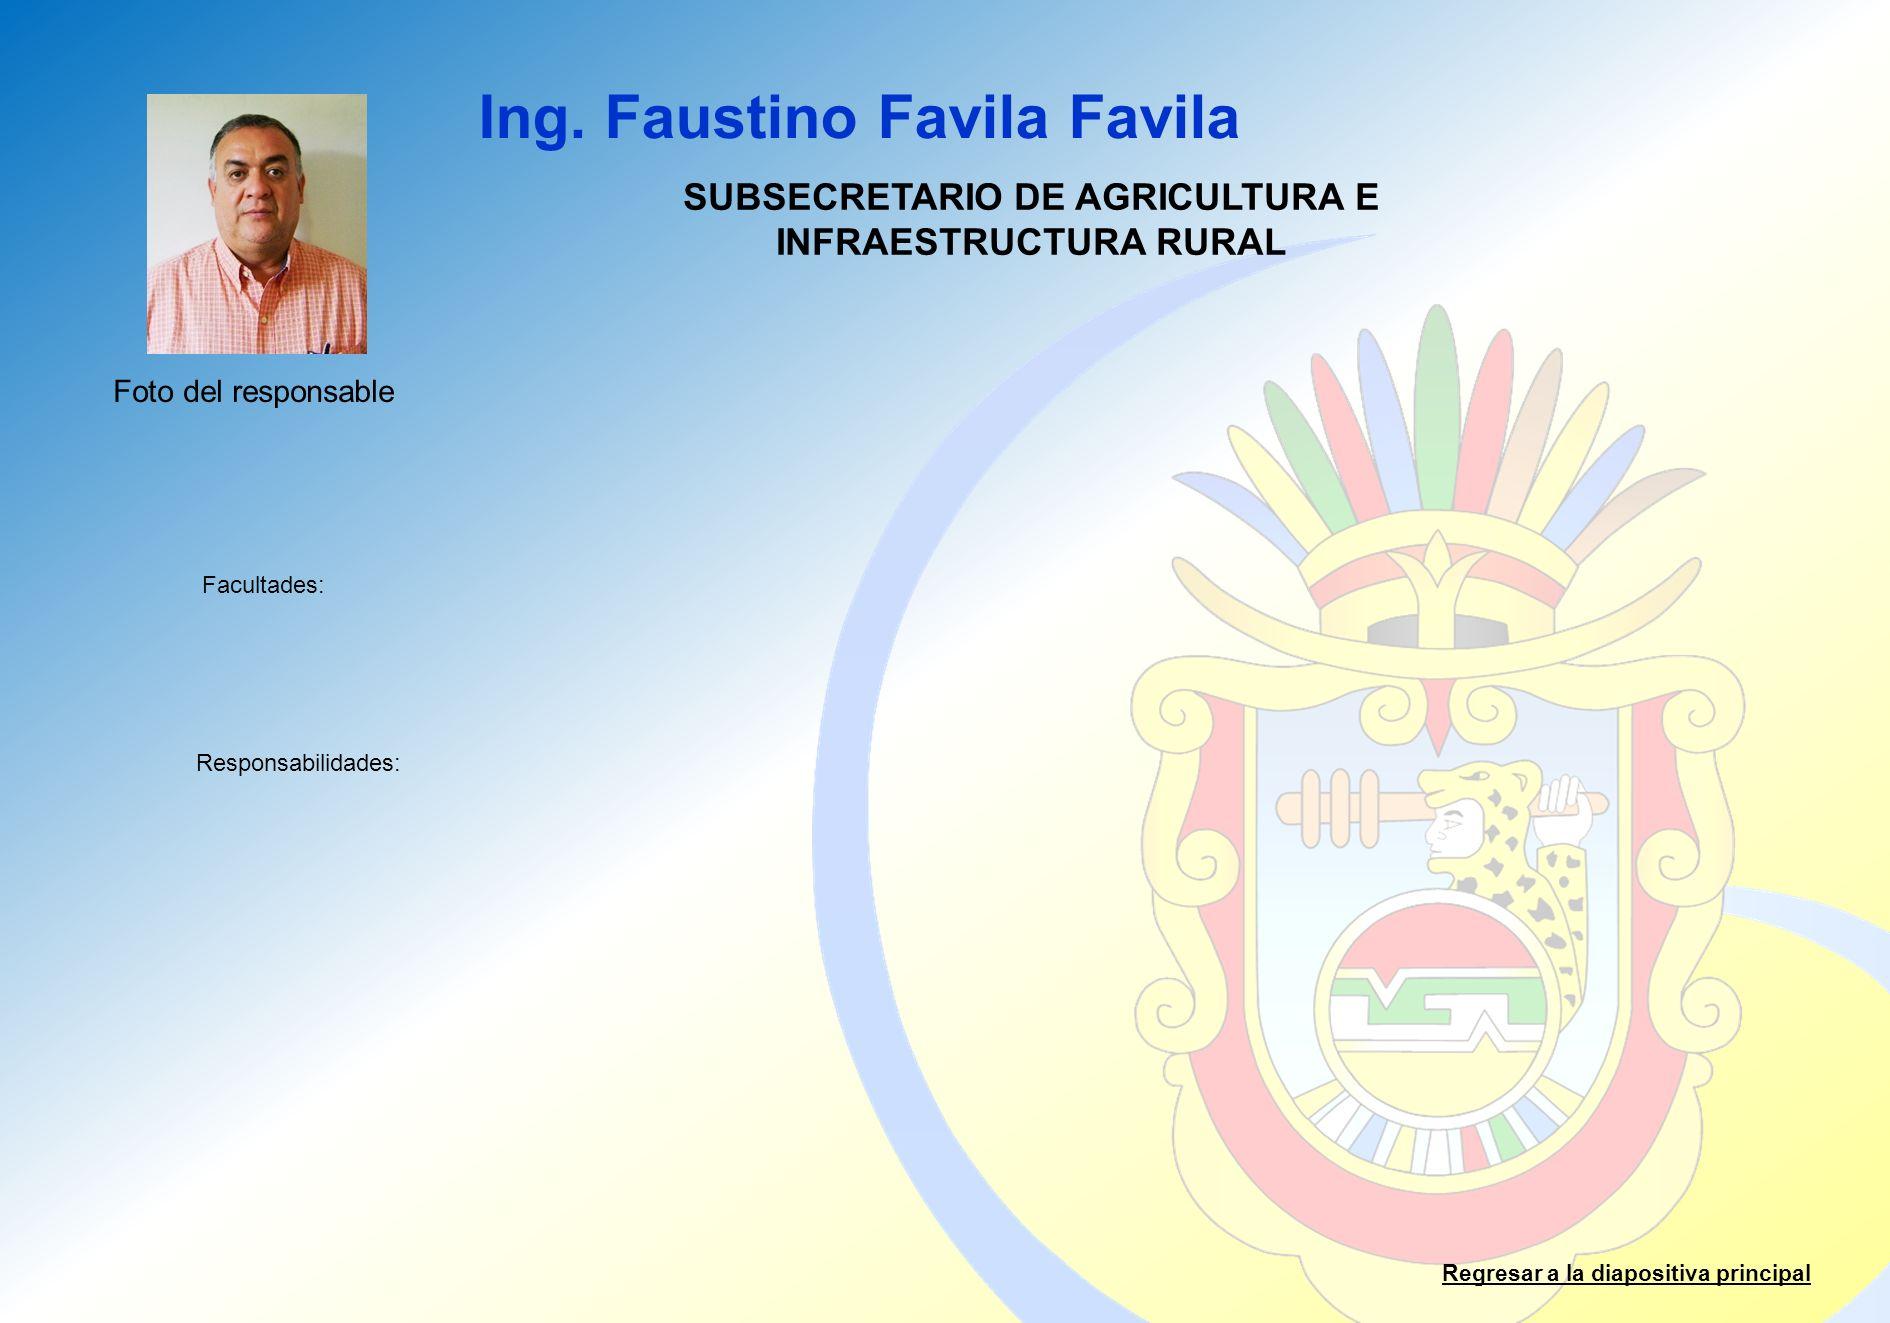 SUBSECRETARIO DE AGRICULTURA E INFRAESTRUCTURA RURAL